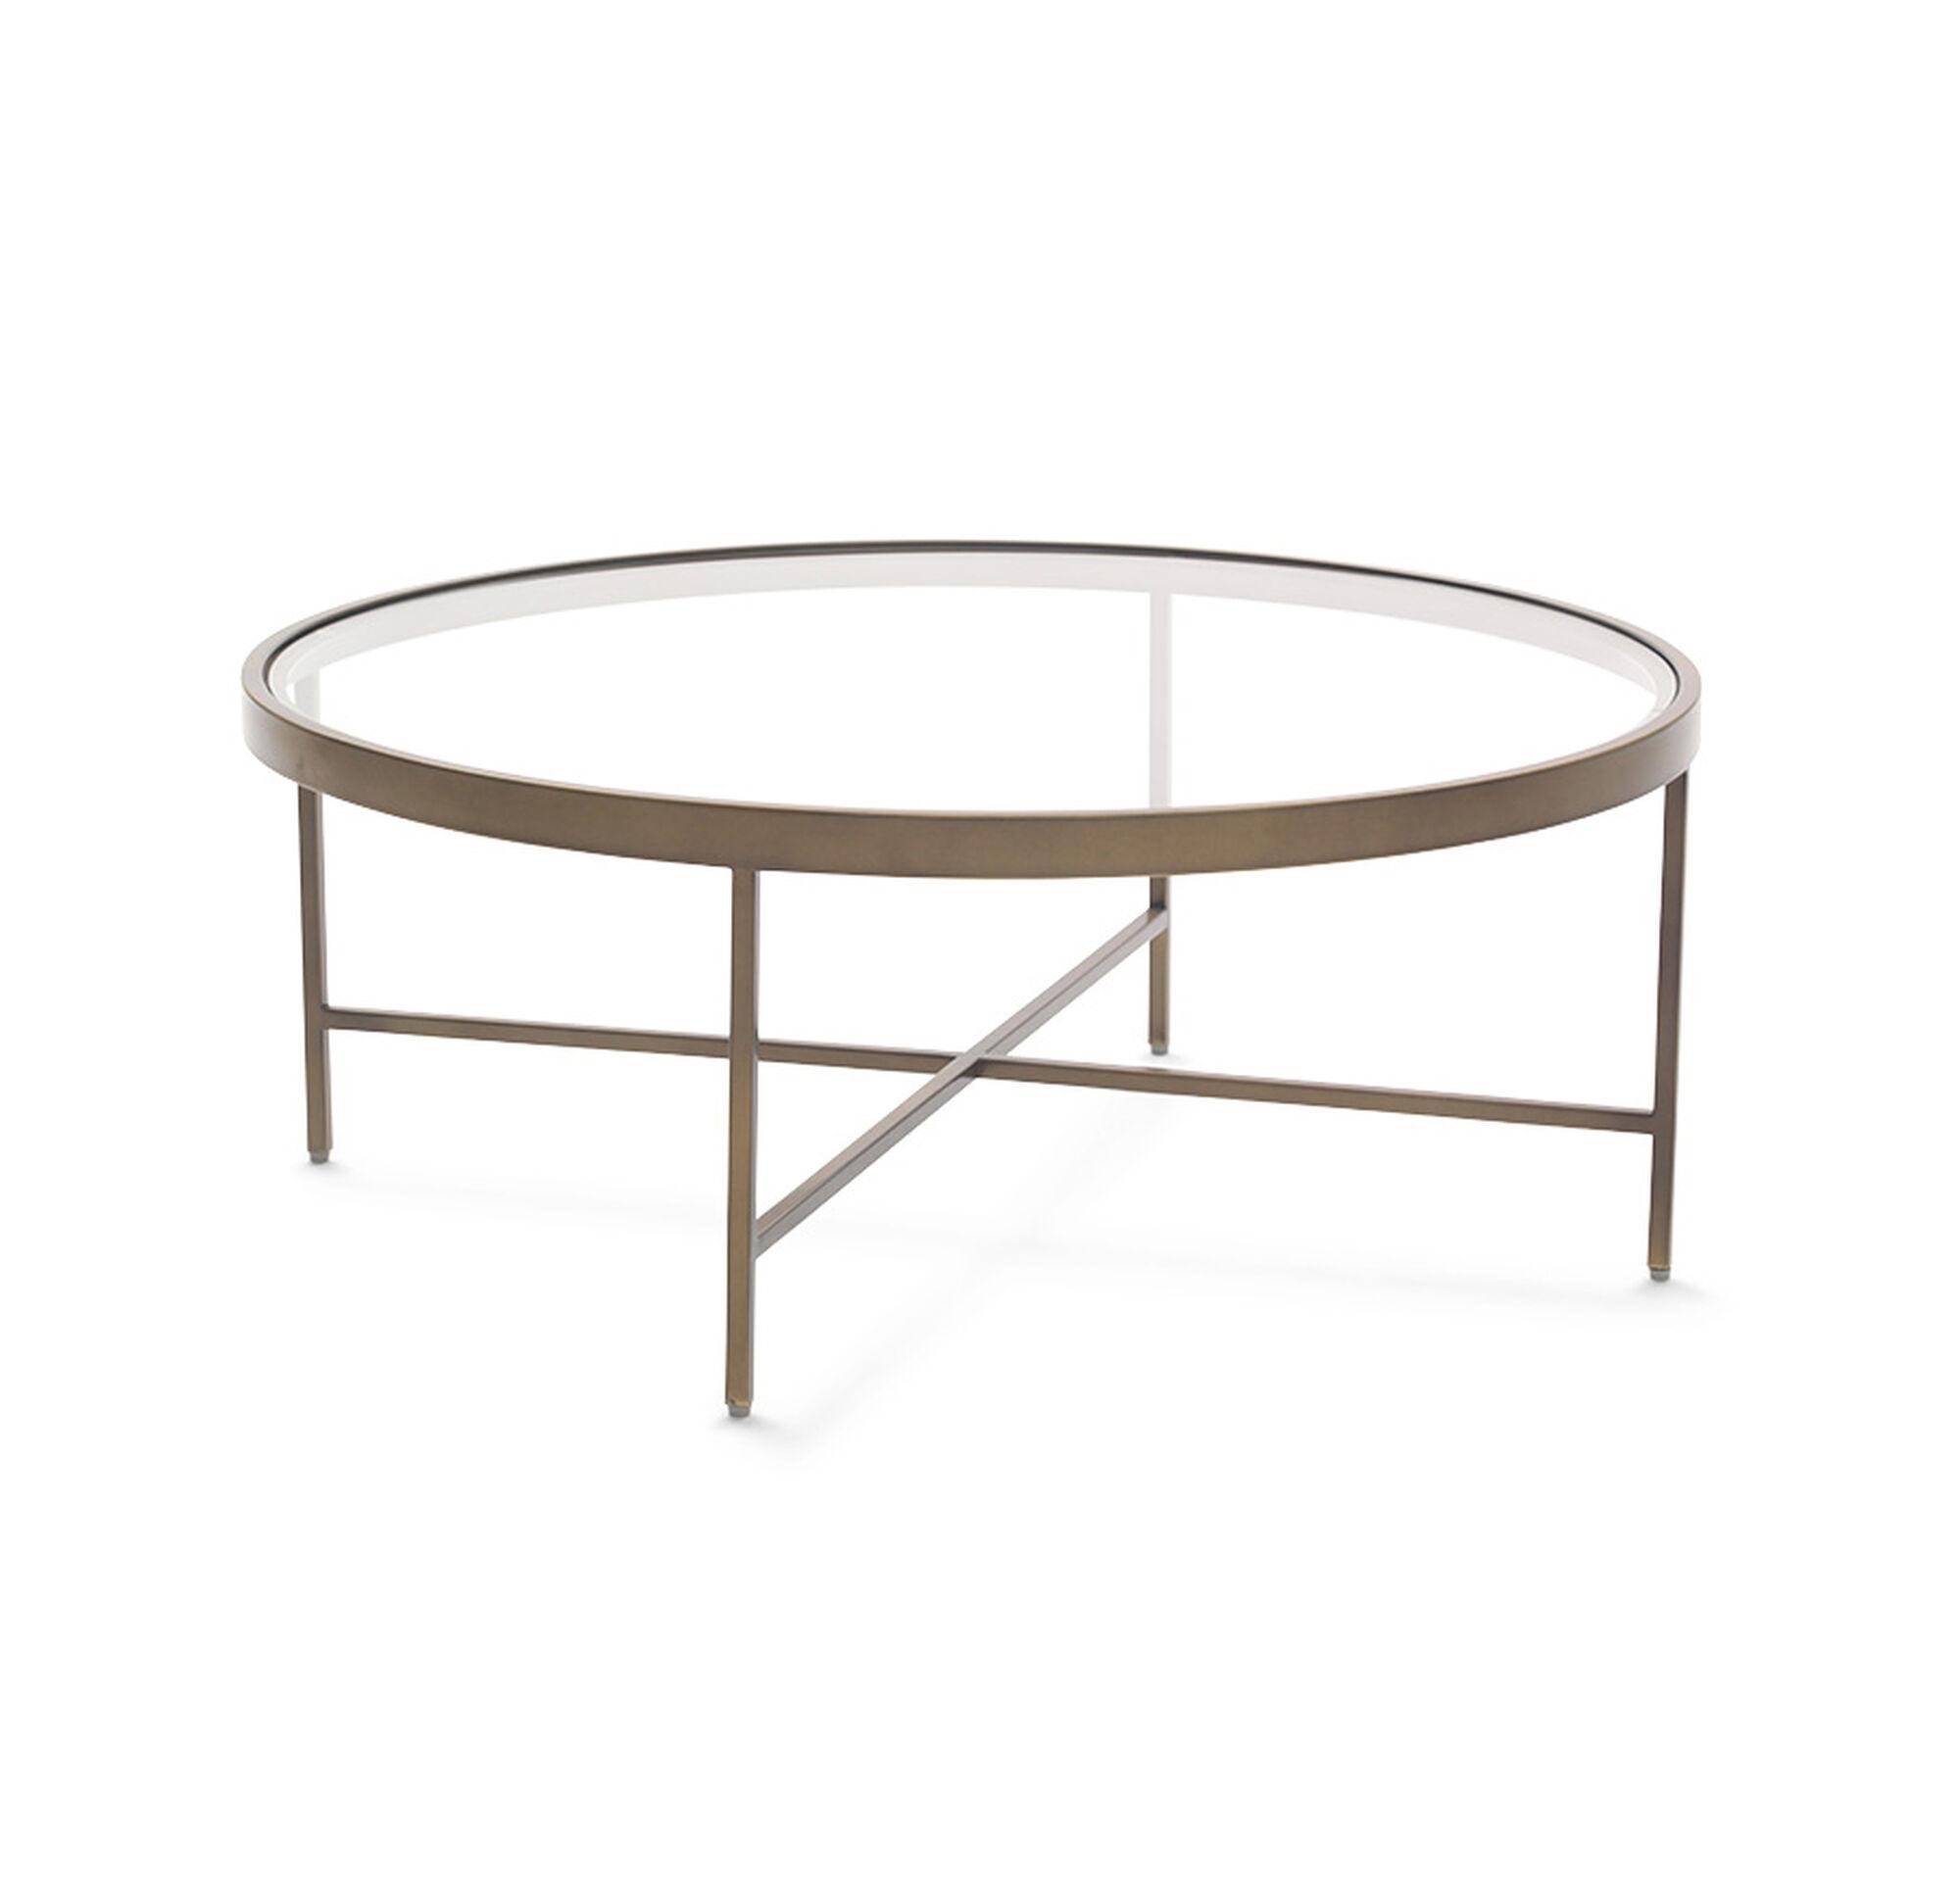 antique brass end table VIENNA ANTIQUE BRASS ROUND COCKTAIL TABLE antique brass end table